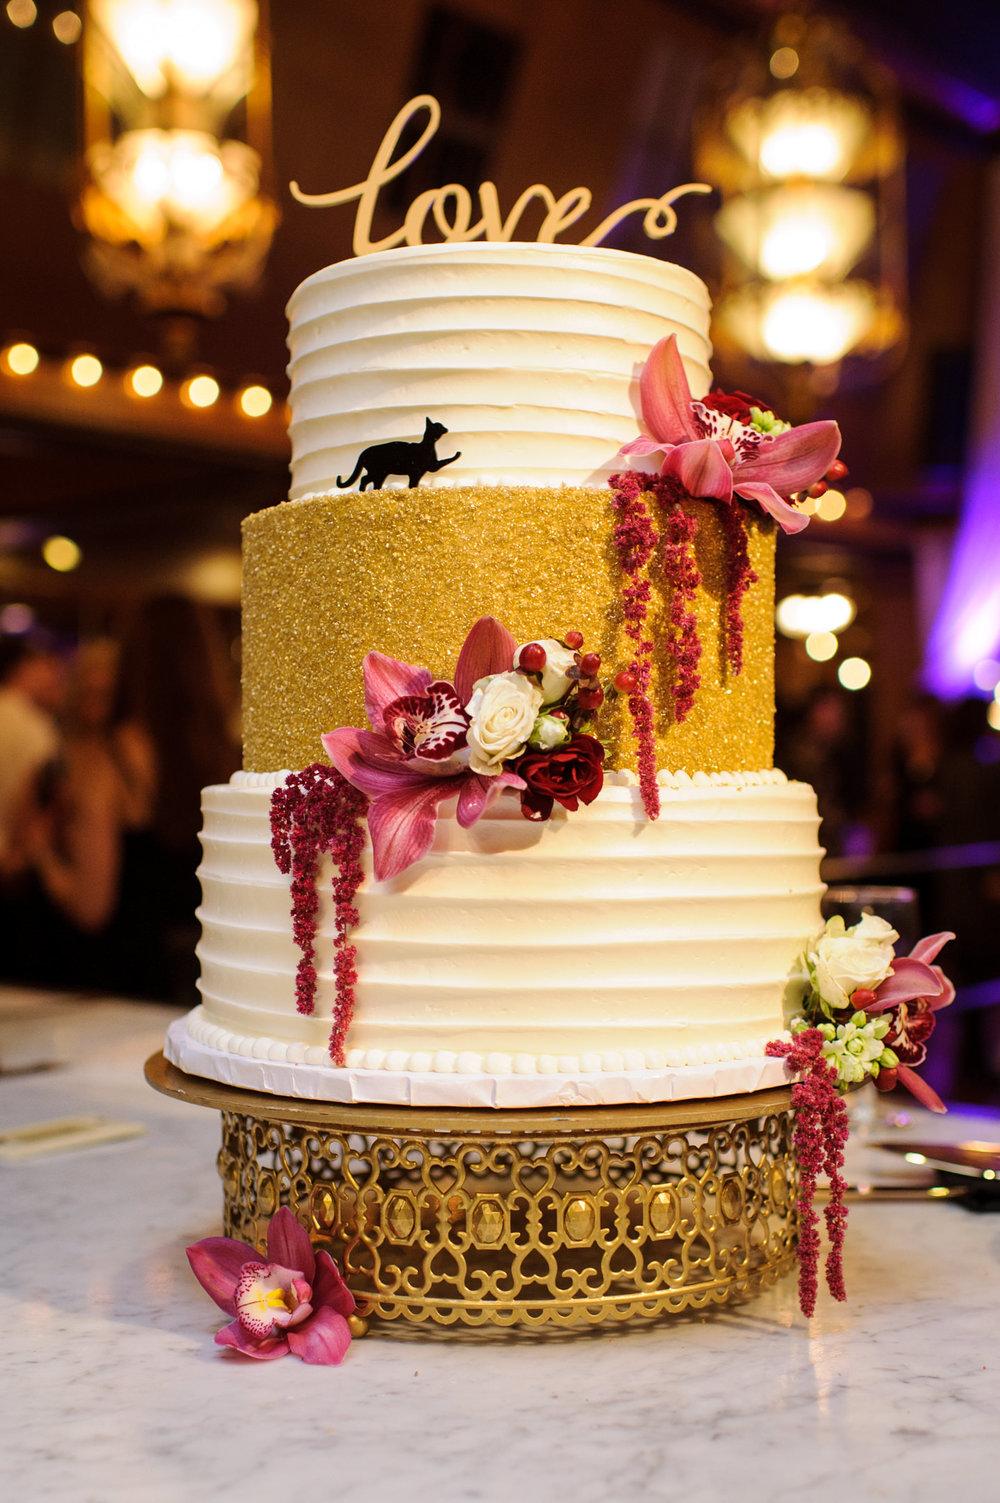 Wedding Cake Details at Lake Union Cafe